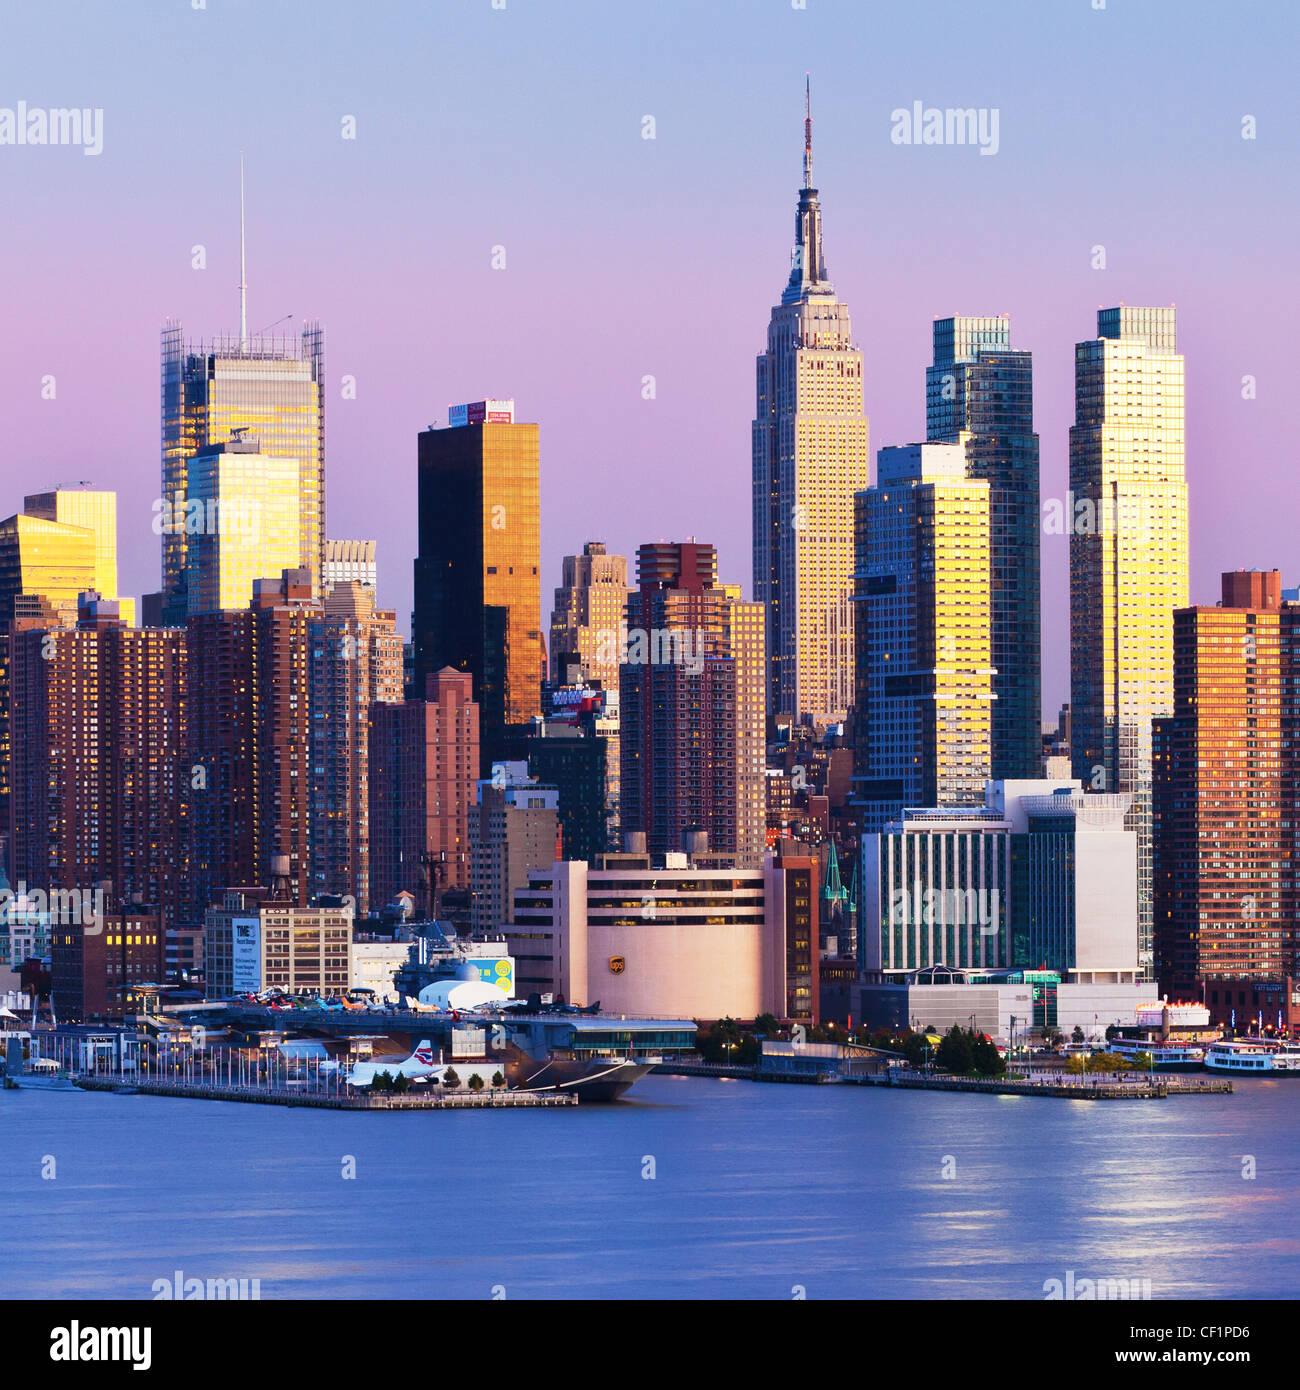 Manhattan, vue de Manhattan de l'autre côté de la rivière Hudson, New York, États-Unis d'Amérique Photo Stock